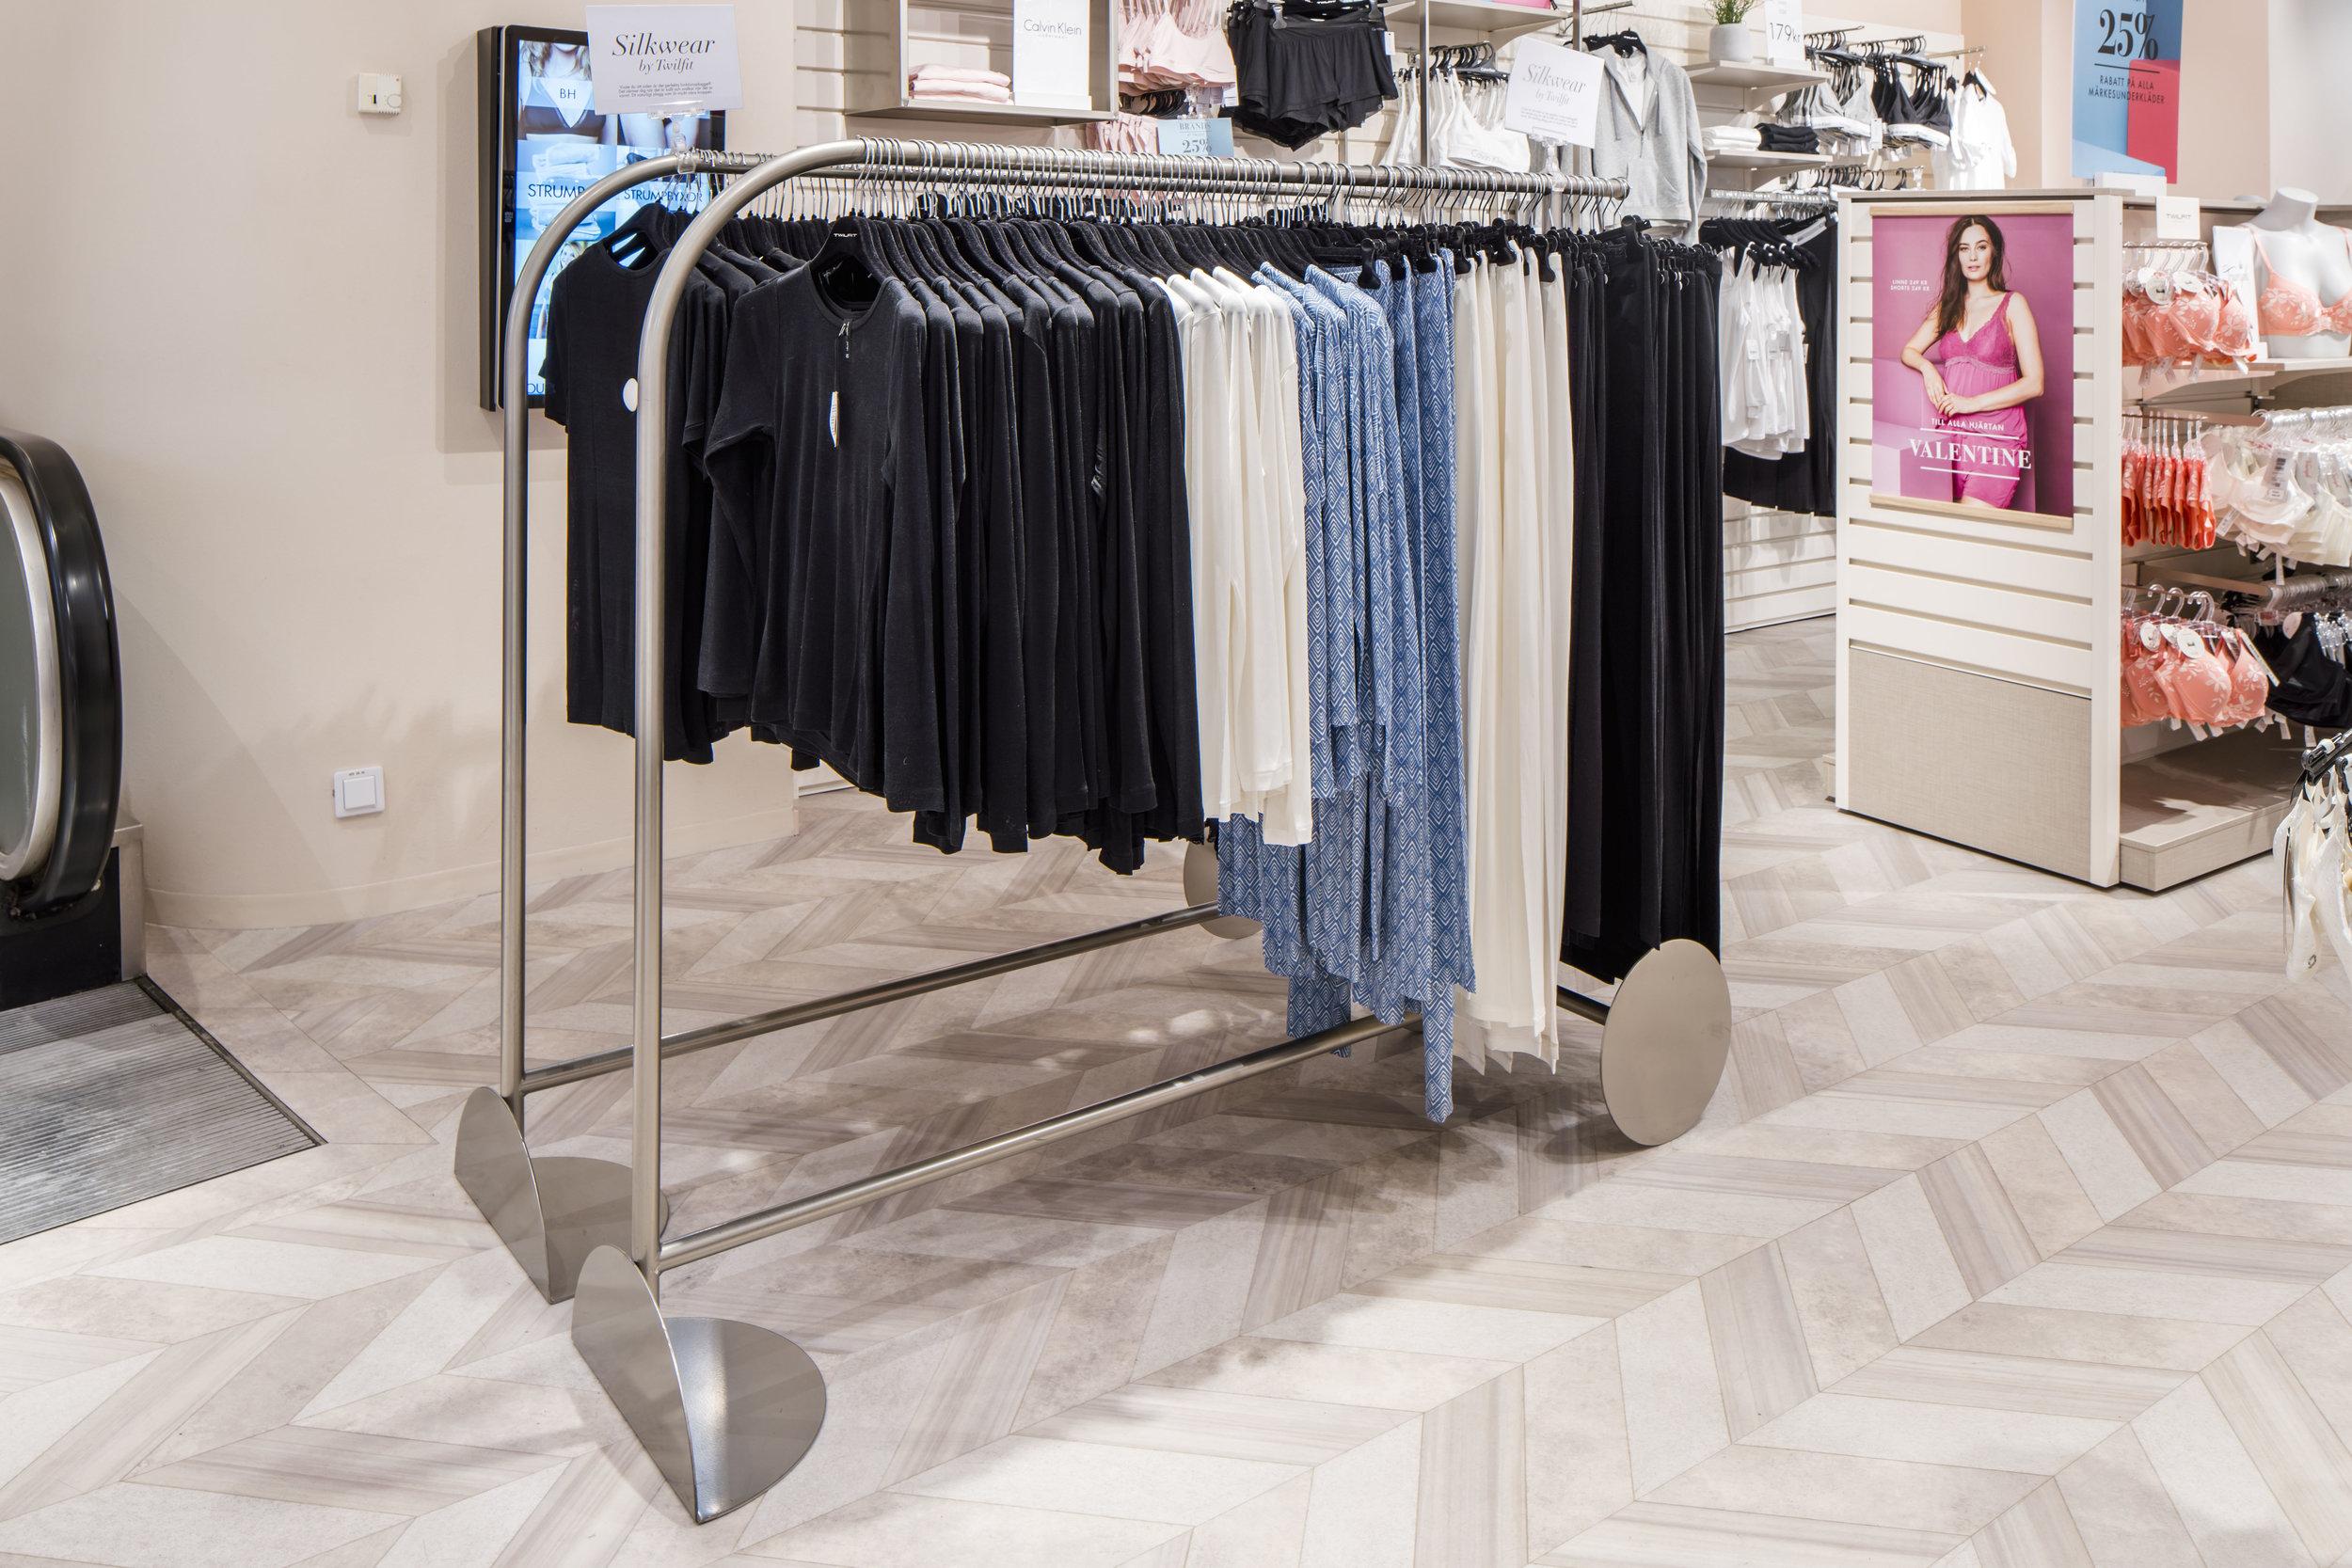 Twilfit, Gallerian - Retail Design